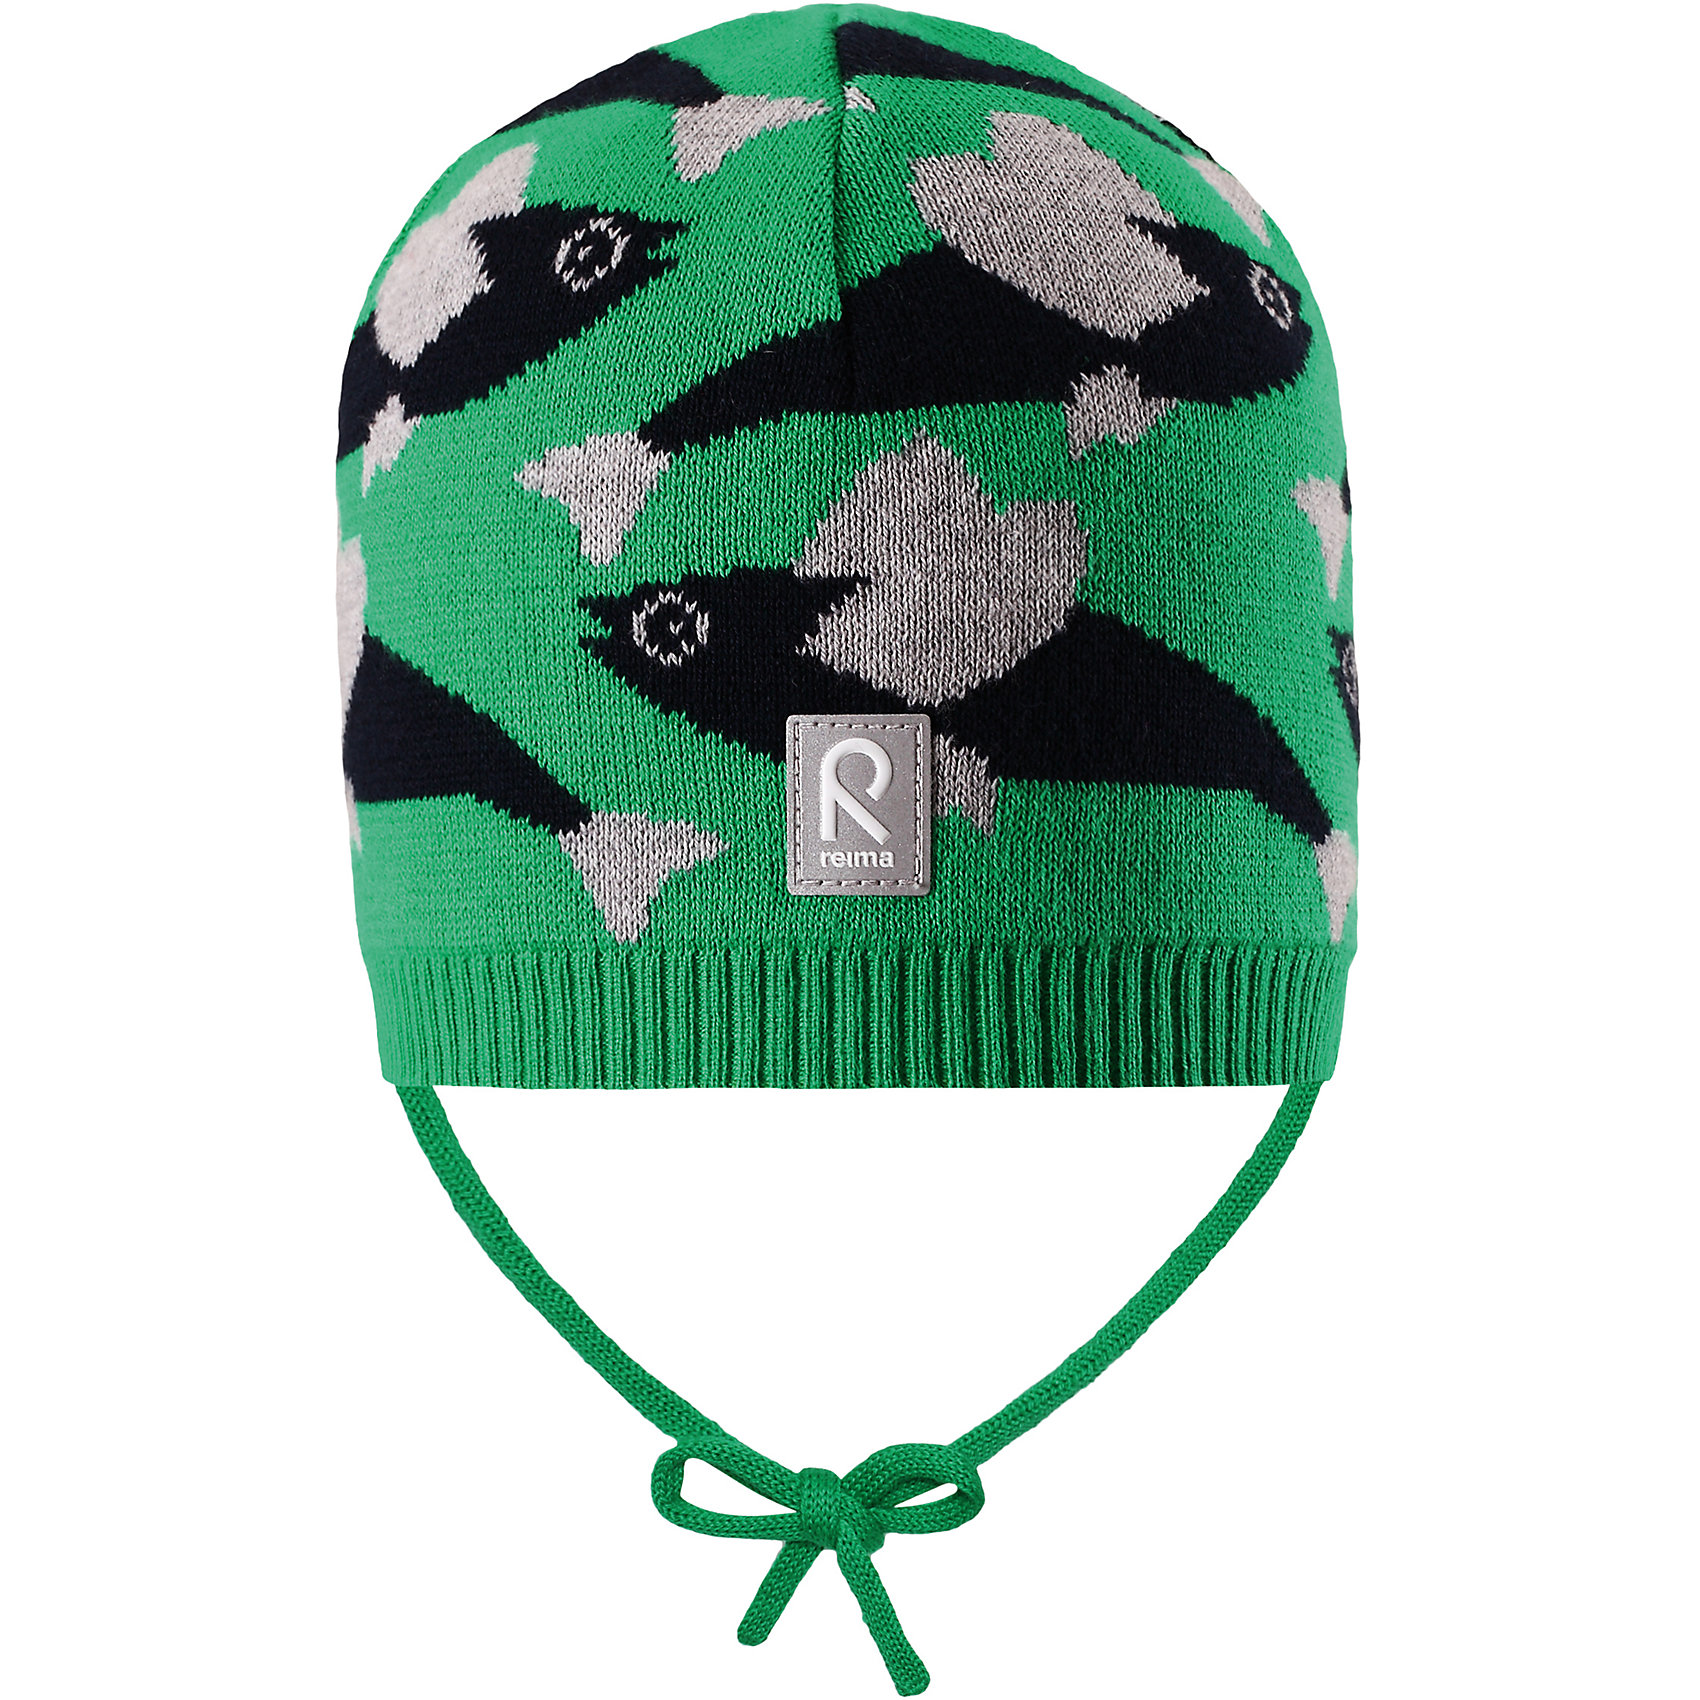 Шапка Harjus для мальчика ReimaШапки и шарфы<br>Характеристики товара:<br><br>• цвет: зелёный<br>• состав: 100% хлопок<br>• облегчённая модель без подкладки<br>• температурный режим: от +10С<br>• эластичный хлопковый трикотаж<br>• изделие сертифицированно по стандарту Oeko-Tex на продукцию класса 1 - одежда для новорождённых<br>• завязки во всех размерах<br>• эмблема Reima сзади<br>• сплошная жаккардовая узорная вязка<br>• страна бренда: Финляндия<br>• страна производства: Китай<br><br>Детский головной убор может быть модным и удобным одновременно! Стильная шапка поможет обеспечить ребенку комфорт и дополнить наряд.Шапка удобно сидит и аккуратно выглядит. Проста в уходе, долго служит. Стильный дизайн разрабатывался специально для детей. Отличная защита от дождя и ветра!<br><br>Уход:<br><br>• стирать по отдельности, вывернув наизнанку<br>• придать первоначальную форму вo влажном виде<br>• возможна усадка 5 %.<br><br>Шапку для мальчика от финского бренда Reima (Рейма) можно купить в нашем интернет-магазине.<br><br>Ширина мм: 89<br>Глубина мм: 117<br>Высота мм: 44<br>Вес г: 155<br>Цвет: зеленый<br>Возраст от месяцев: 18<br>Возраст до месяцев: 36<br>Пол: Мужской<br>Возраст: Детский<br>Размер: 50,48,46,52<br>SKU: 5270936